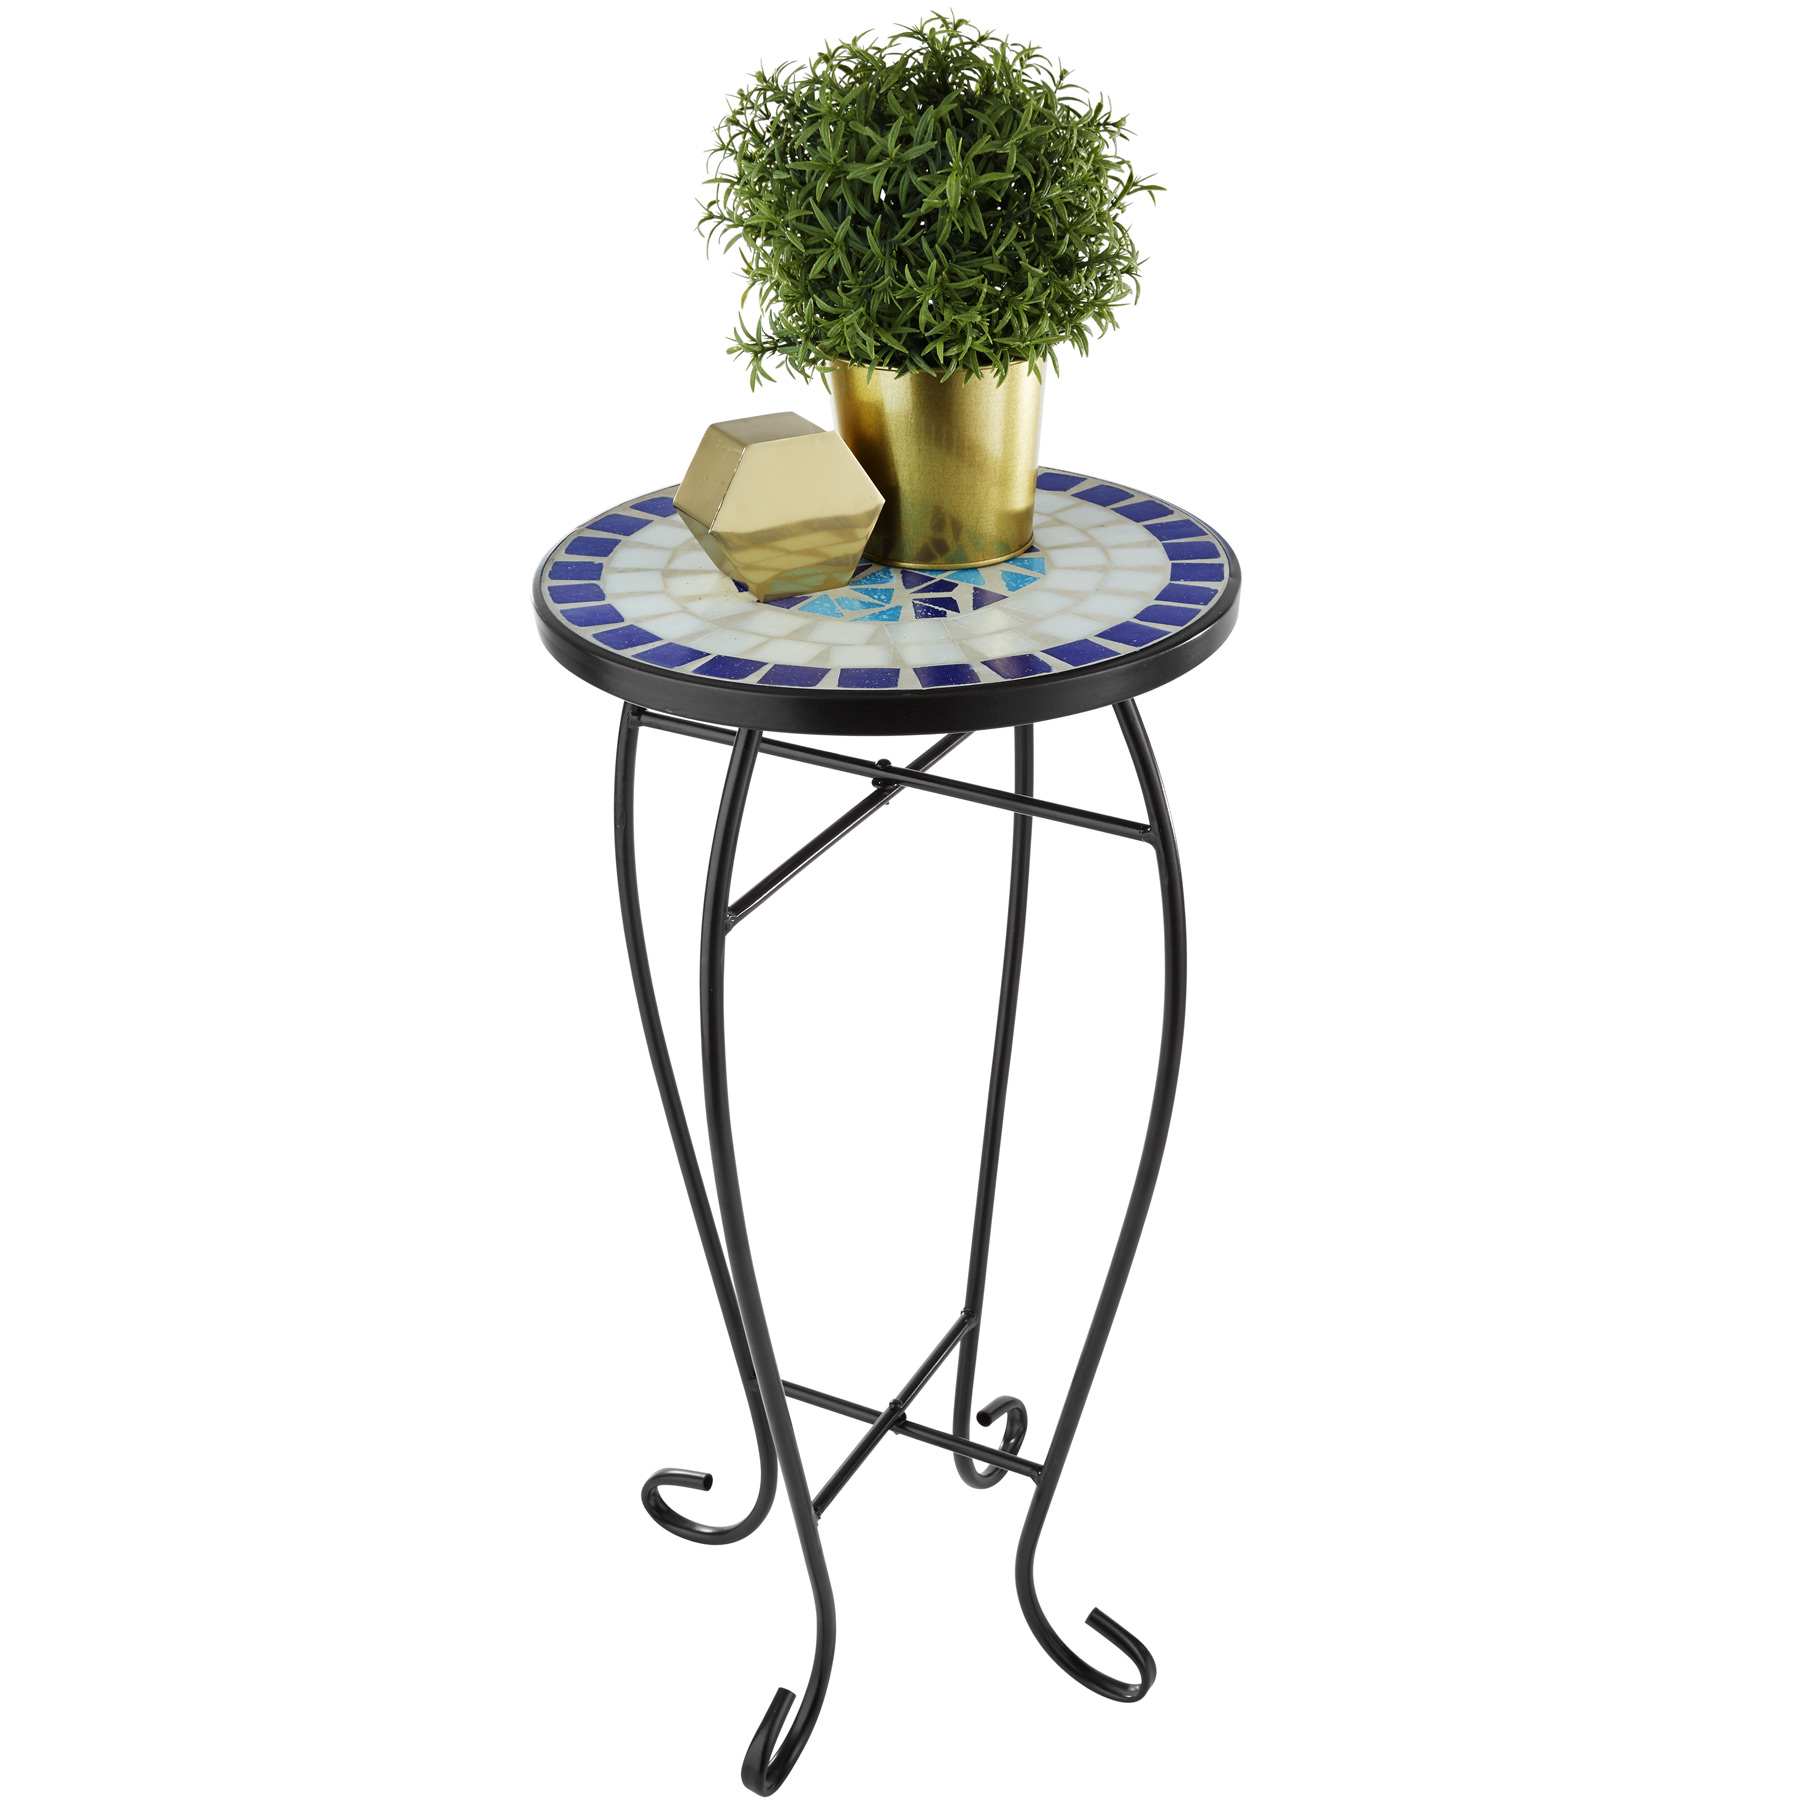 Konferenčný stolík, balkónový stôl, mozaikový kvetinový záhon 402769 Výrobca tectake